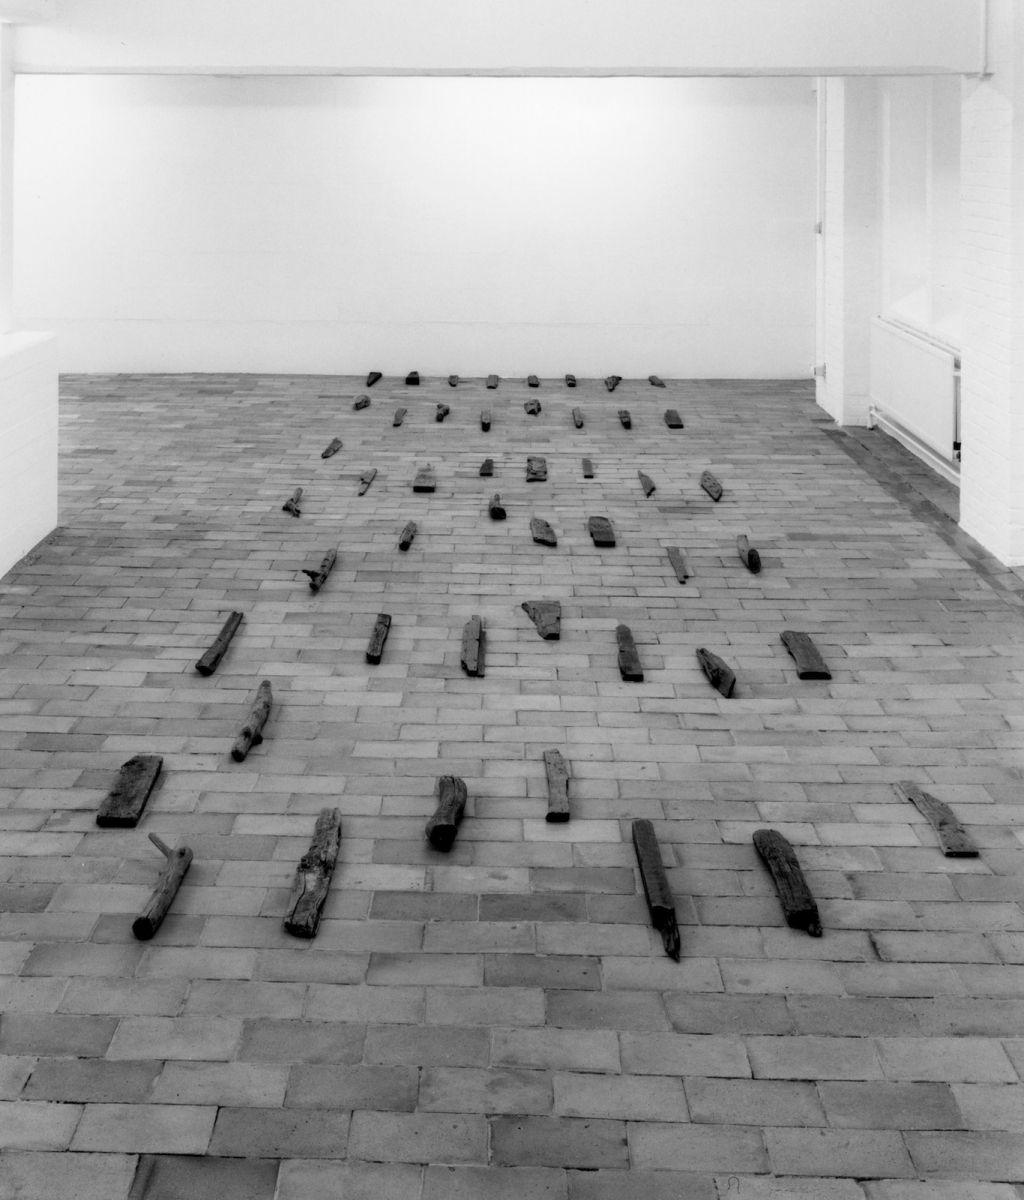 Richard Long: Driftwood, 1975. Herbert Foundation, Gent.